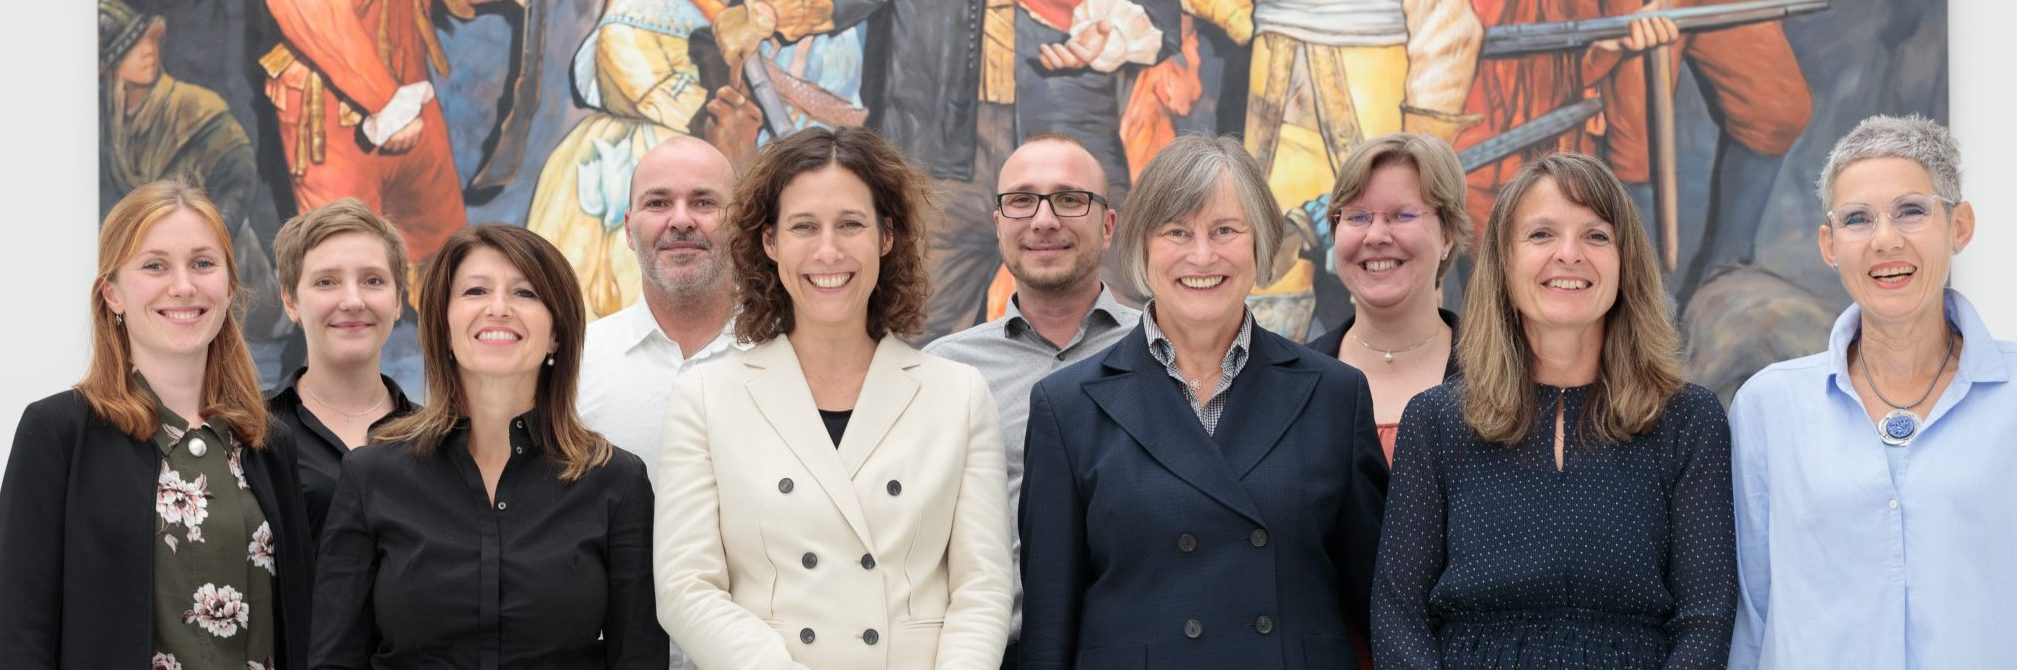 Team der Kunsthalle Tübingen. Foto: Wynrich Zlomke